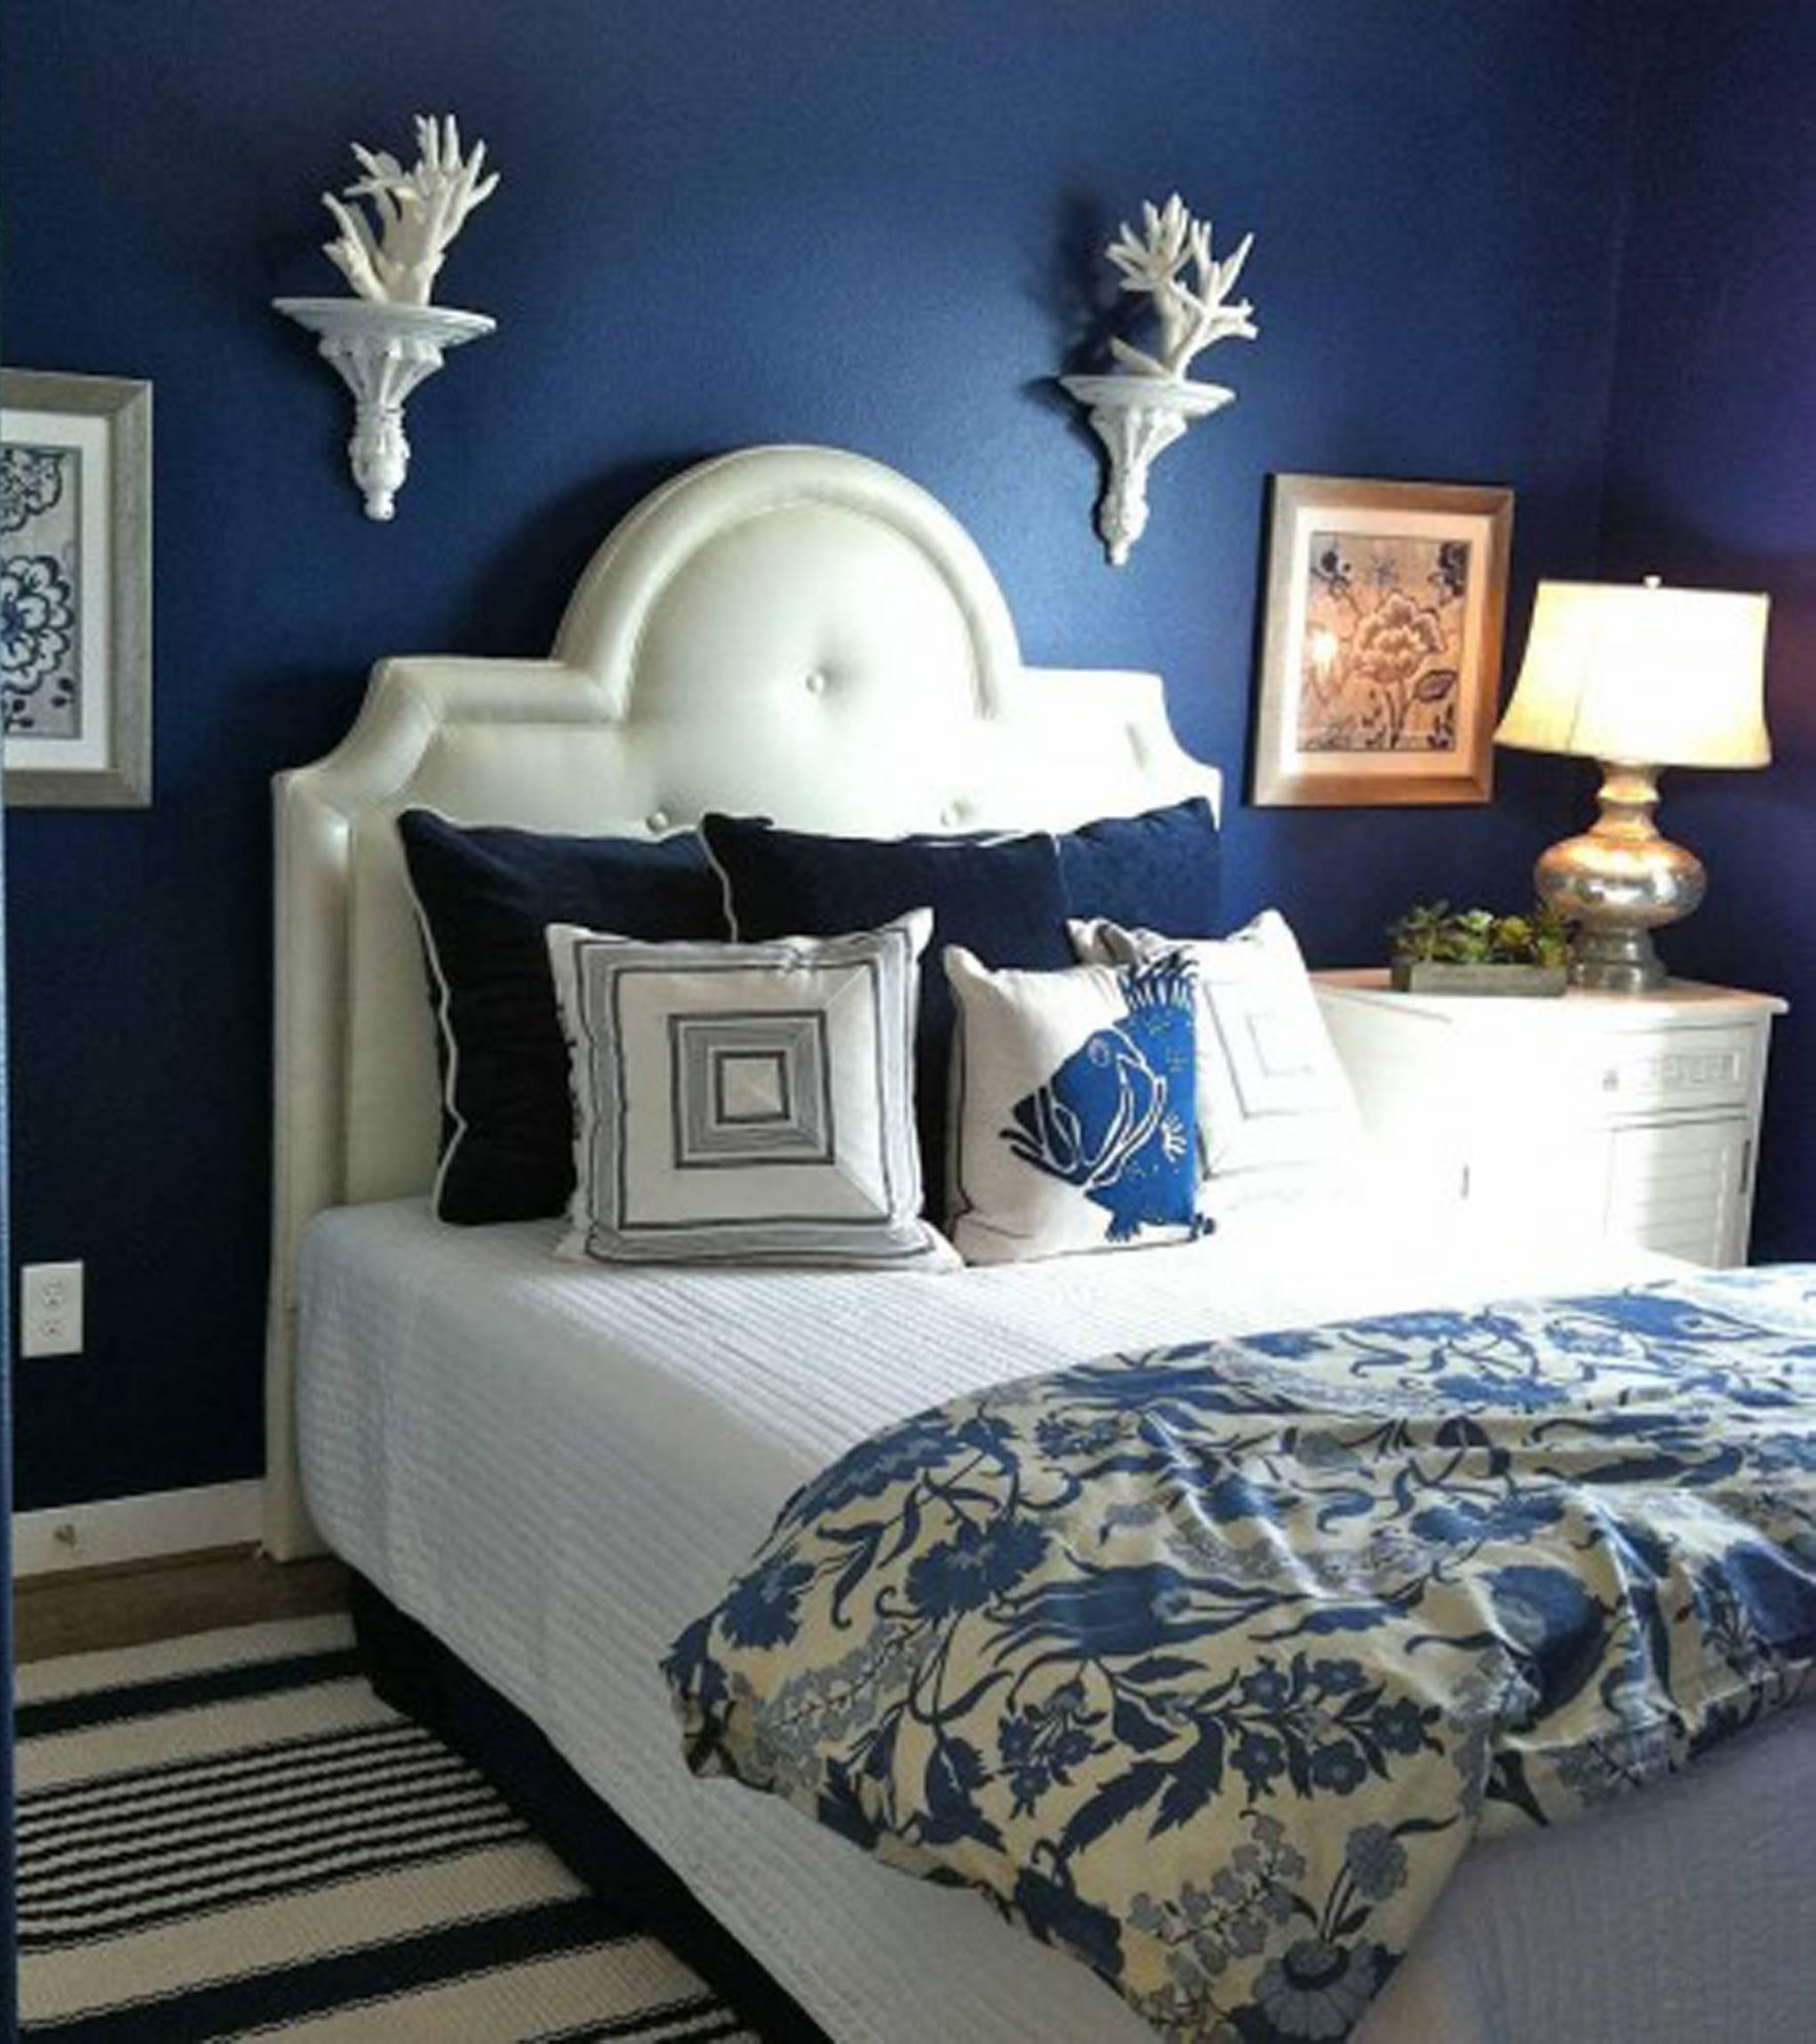 Спальня в голубых тонах (65 фото): дизайн интерьера в нежно-голубом и сине-коричневом цвете